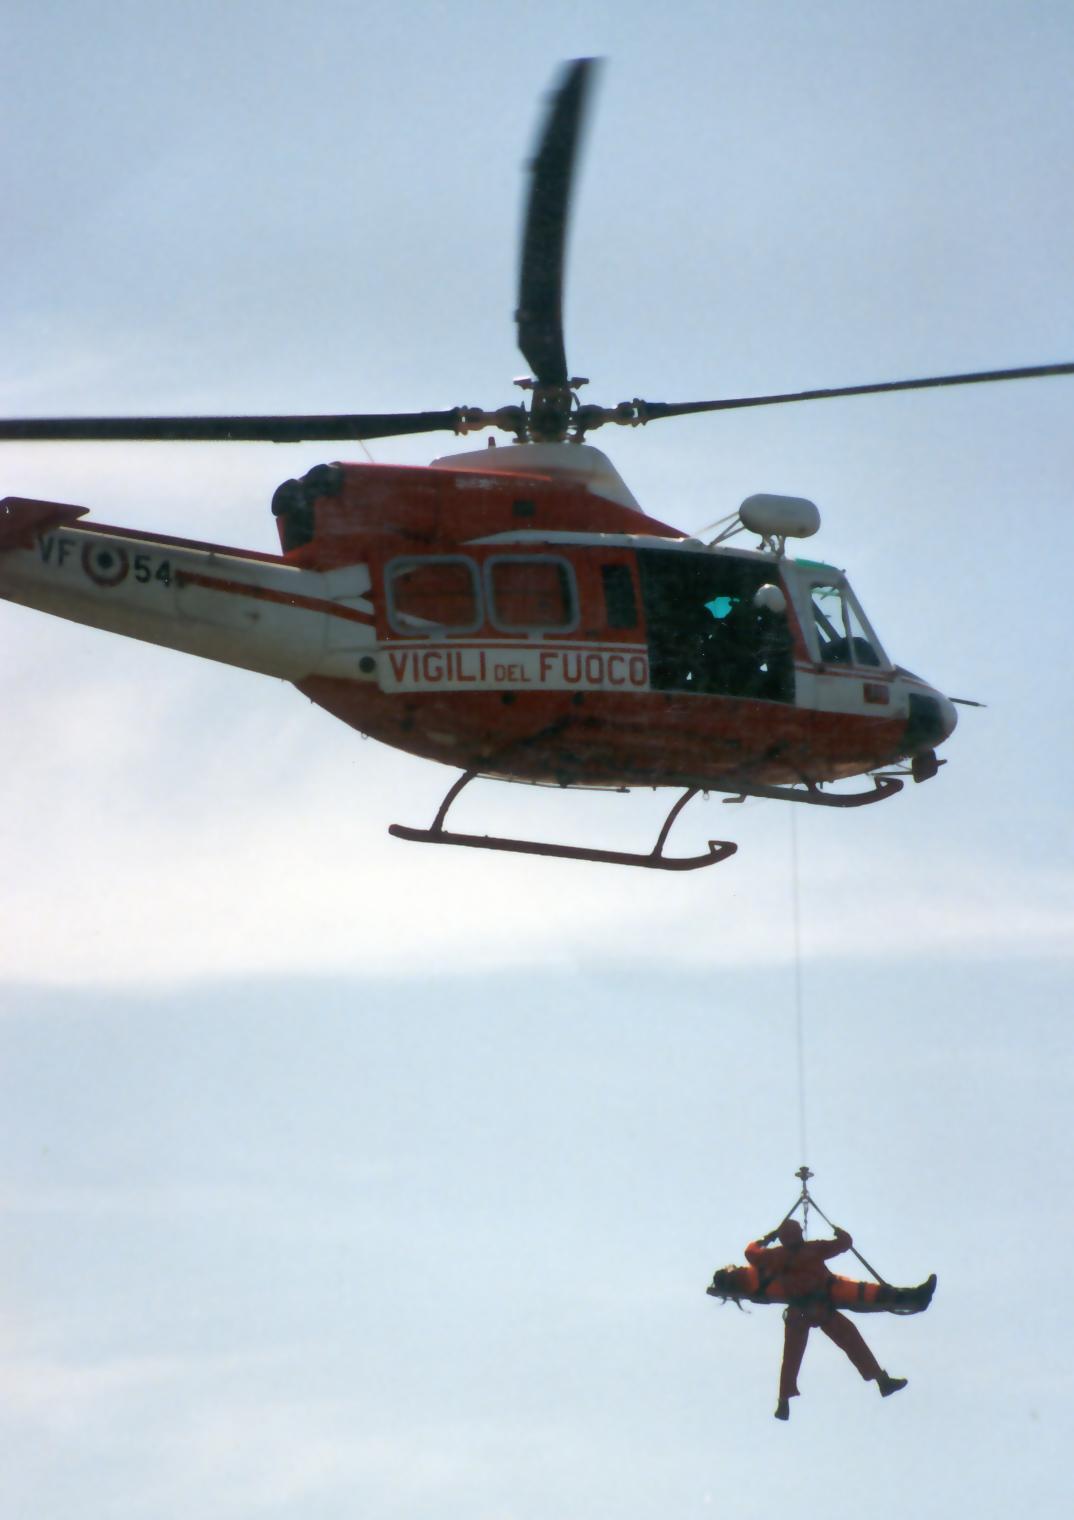 Elicottero Wikipedia : Ricerca e soccorso wikipedia